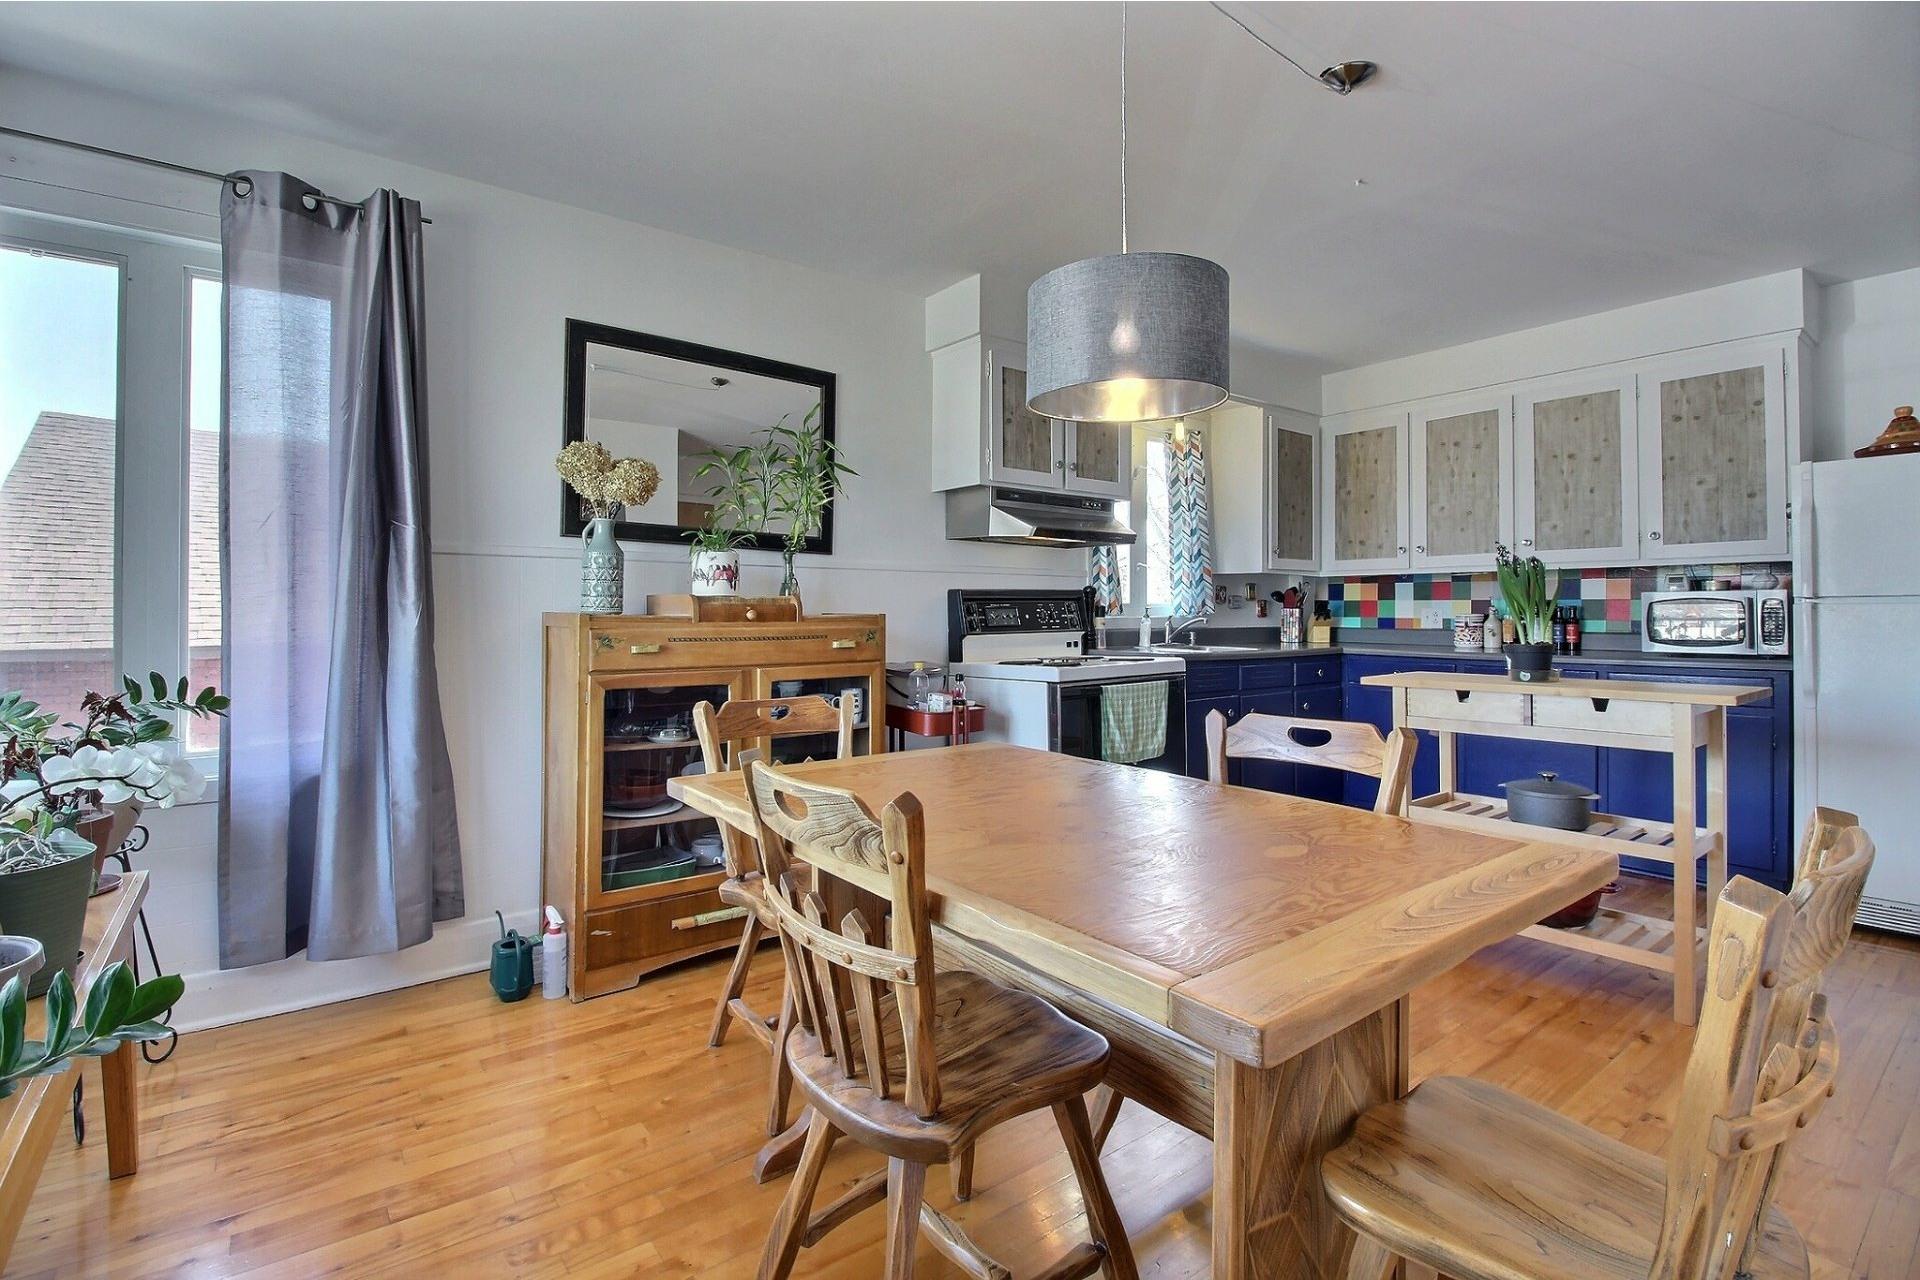 image 3 - Duplex For sale Joliette - 5 rooms